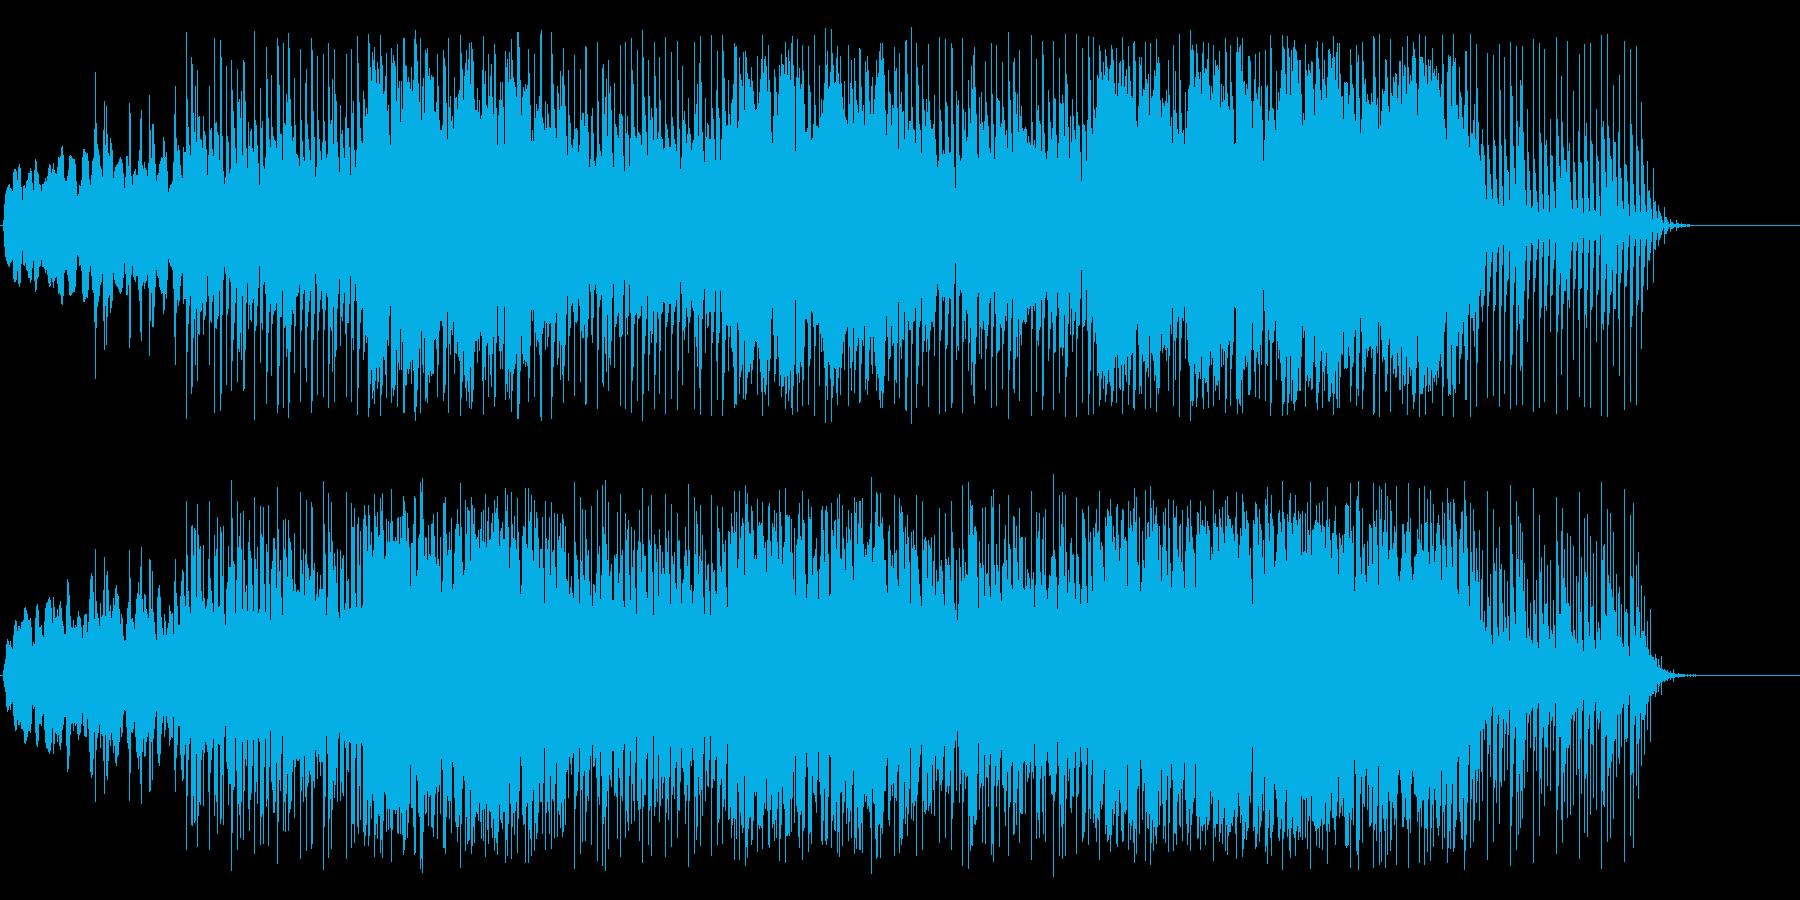 サイエンスな雰囲気のアンビエントの再生済みの波形